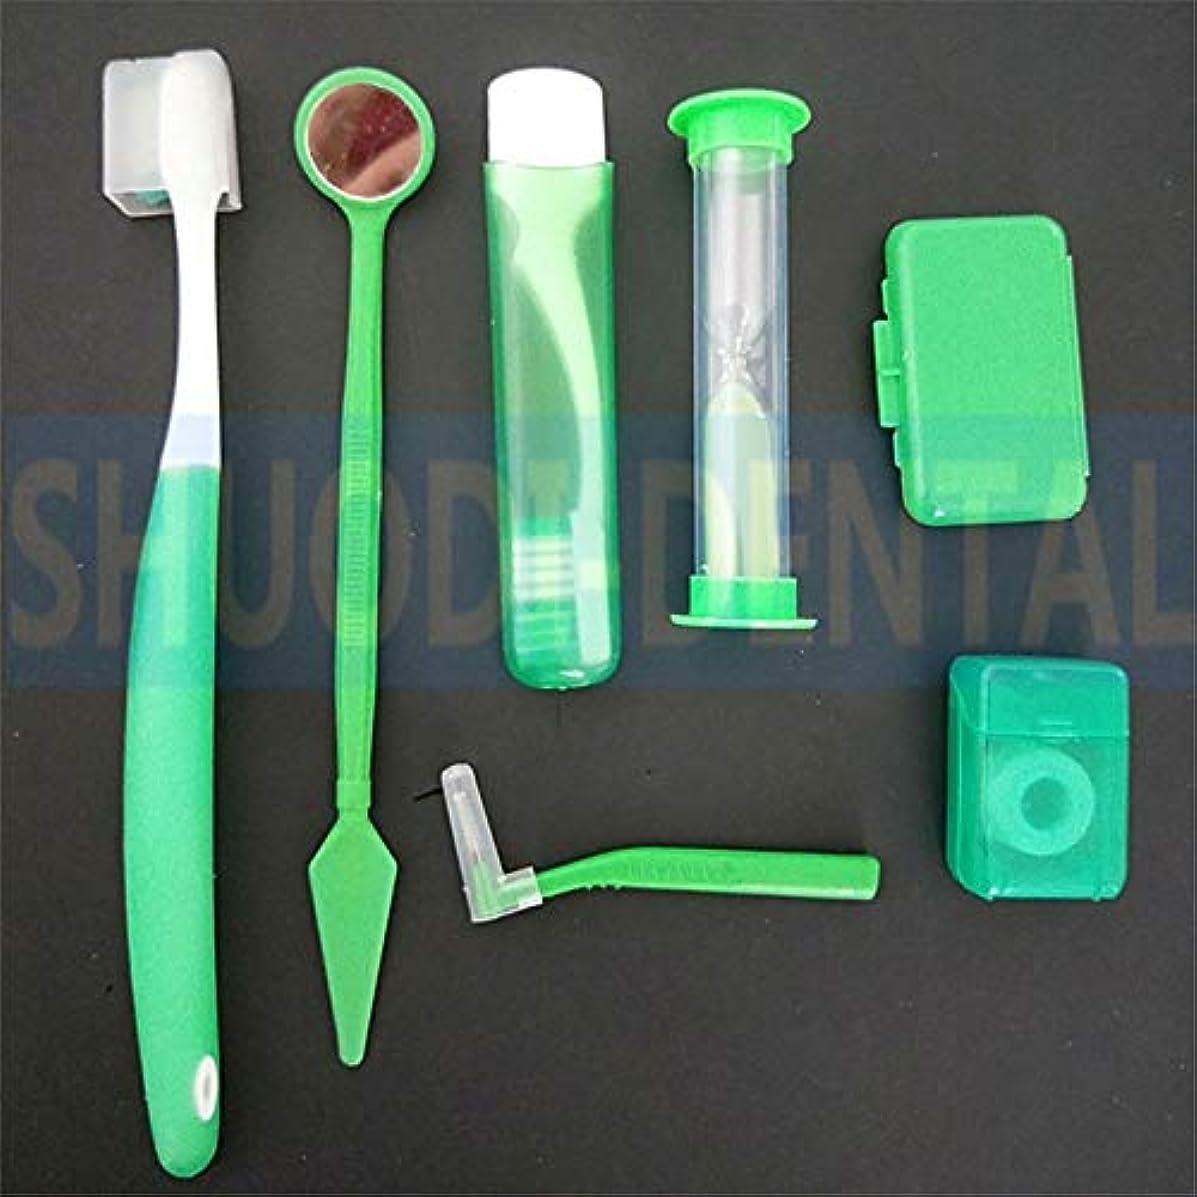 比較的筋チャンピオンZHQI-HEAL 7個/セット歯科用歯列キットオーラルクリーニングケアフロス糸口ミラーホワイトニングツール082 (色 : Green)